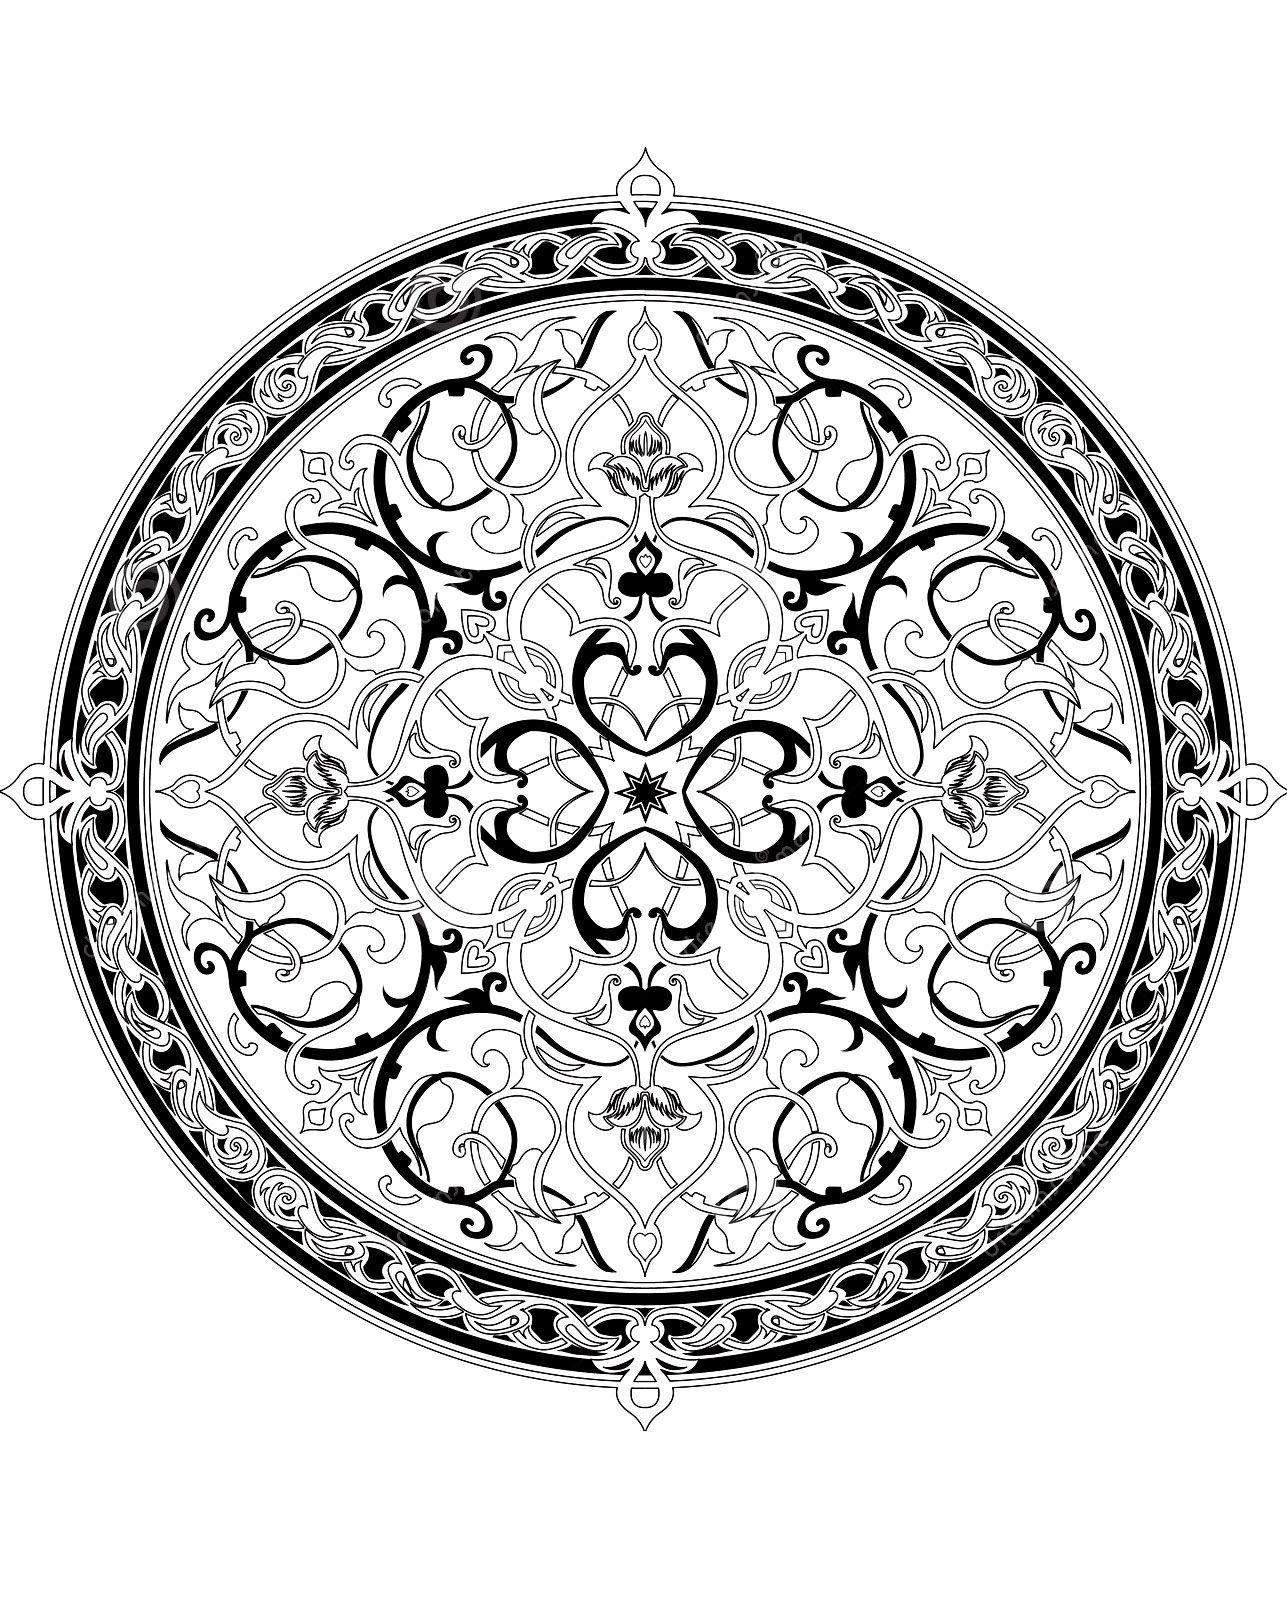 Frais Coloriage Mandala Image Ou Dessin A Imprimer Et Colorier